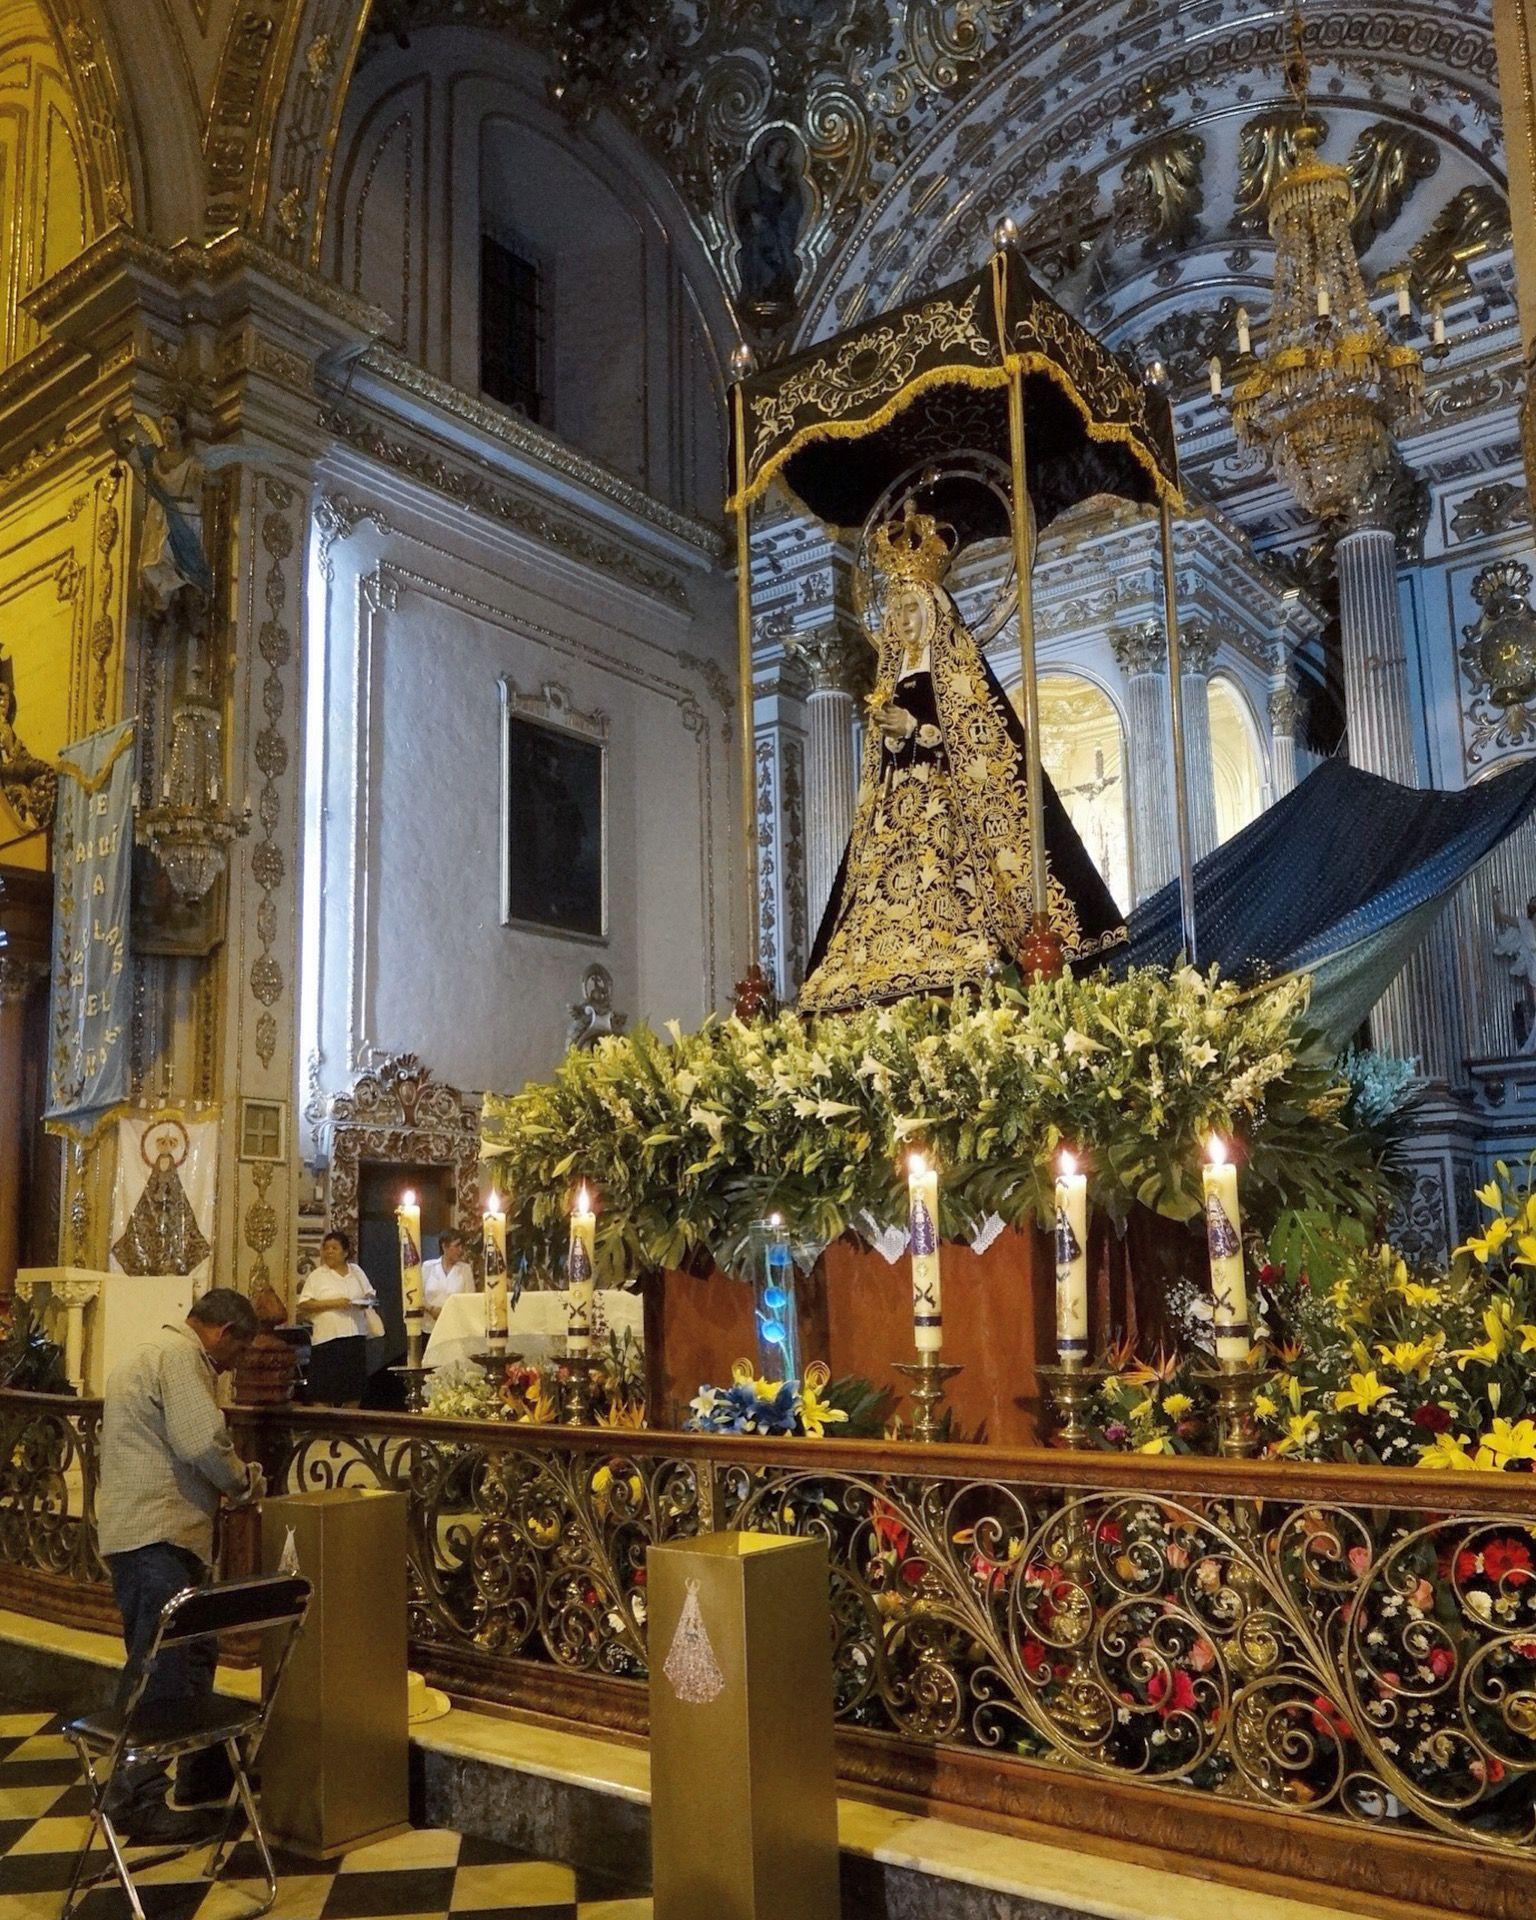 Imagen dentro de la Basílica de Nuestra Señora de la Soledad.